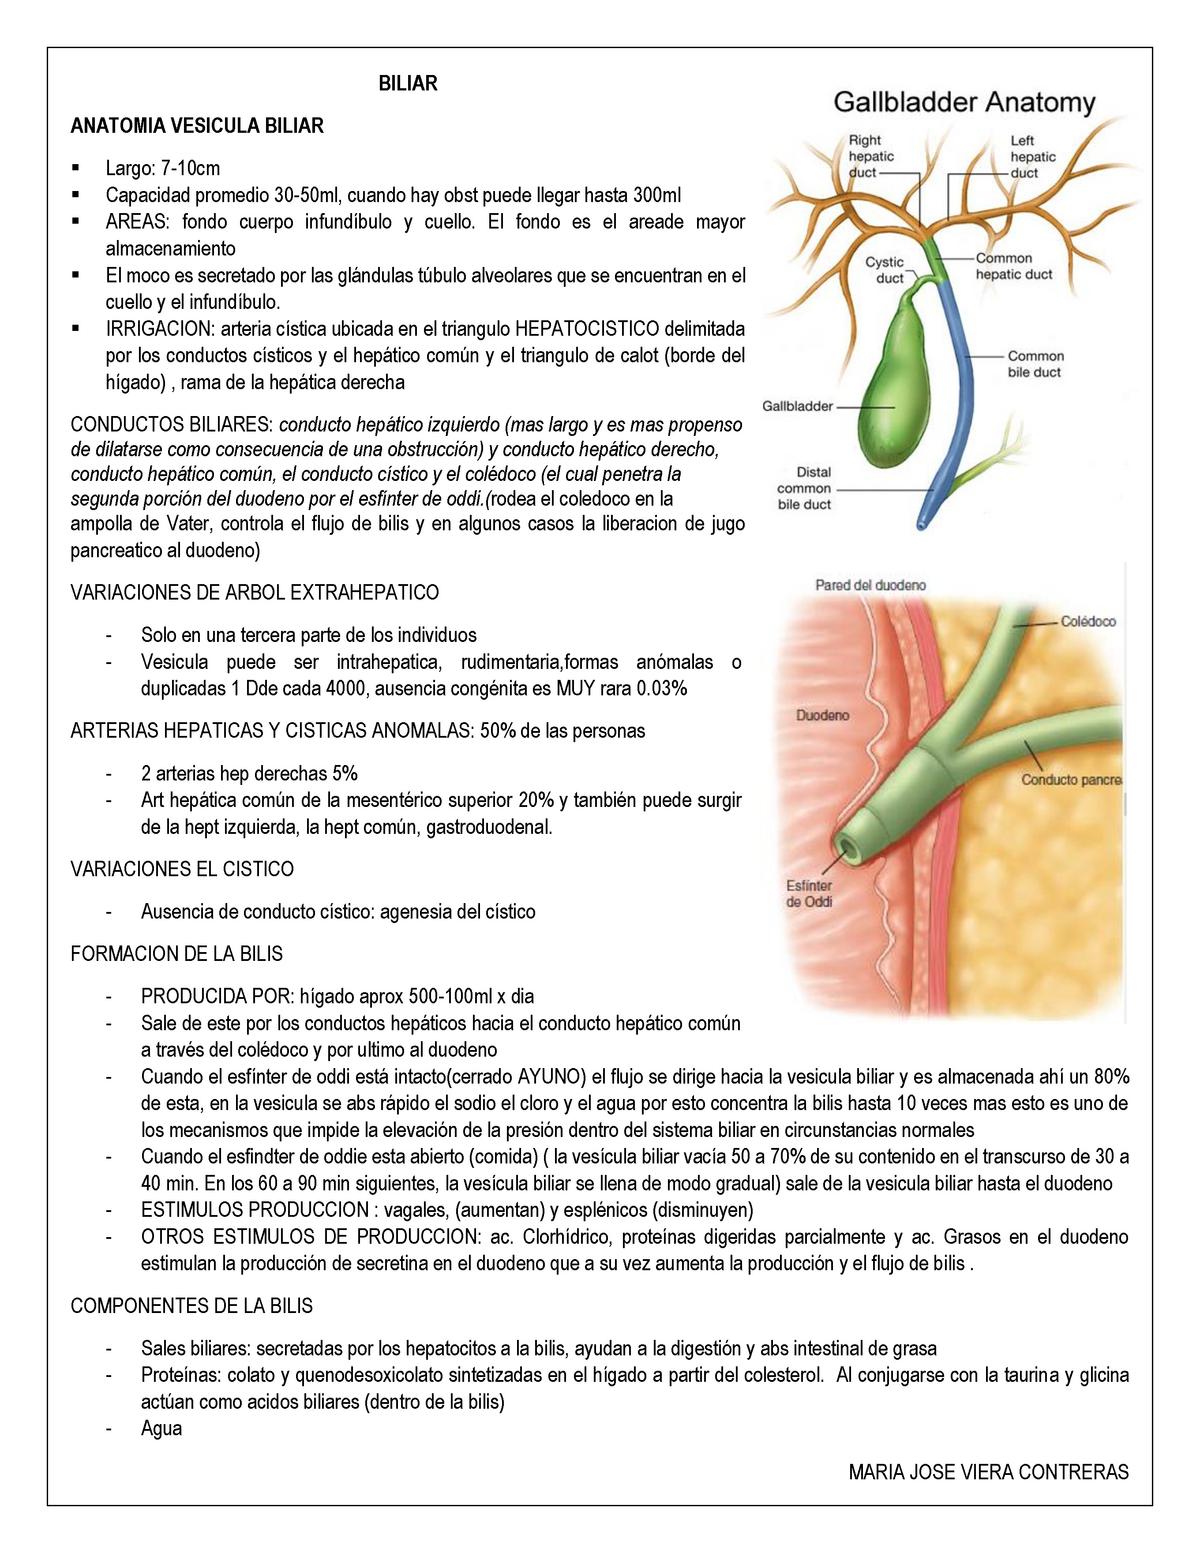 coledocoduodenostomia complicaciones de diabetes